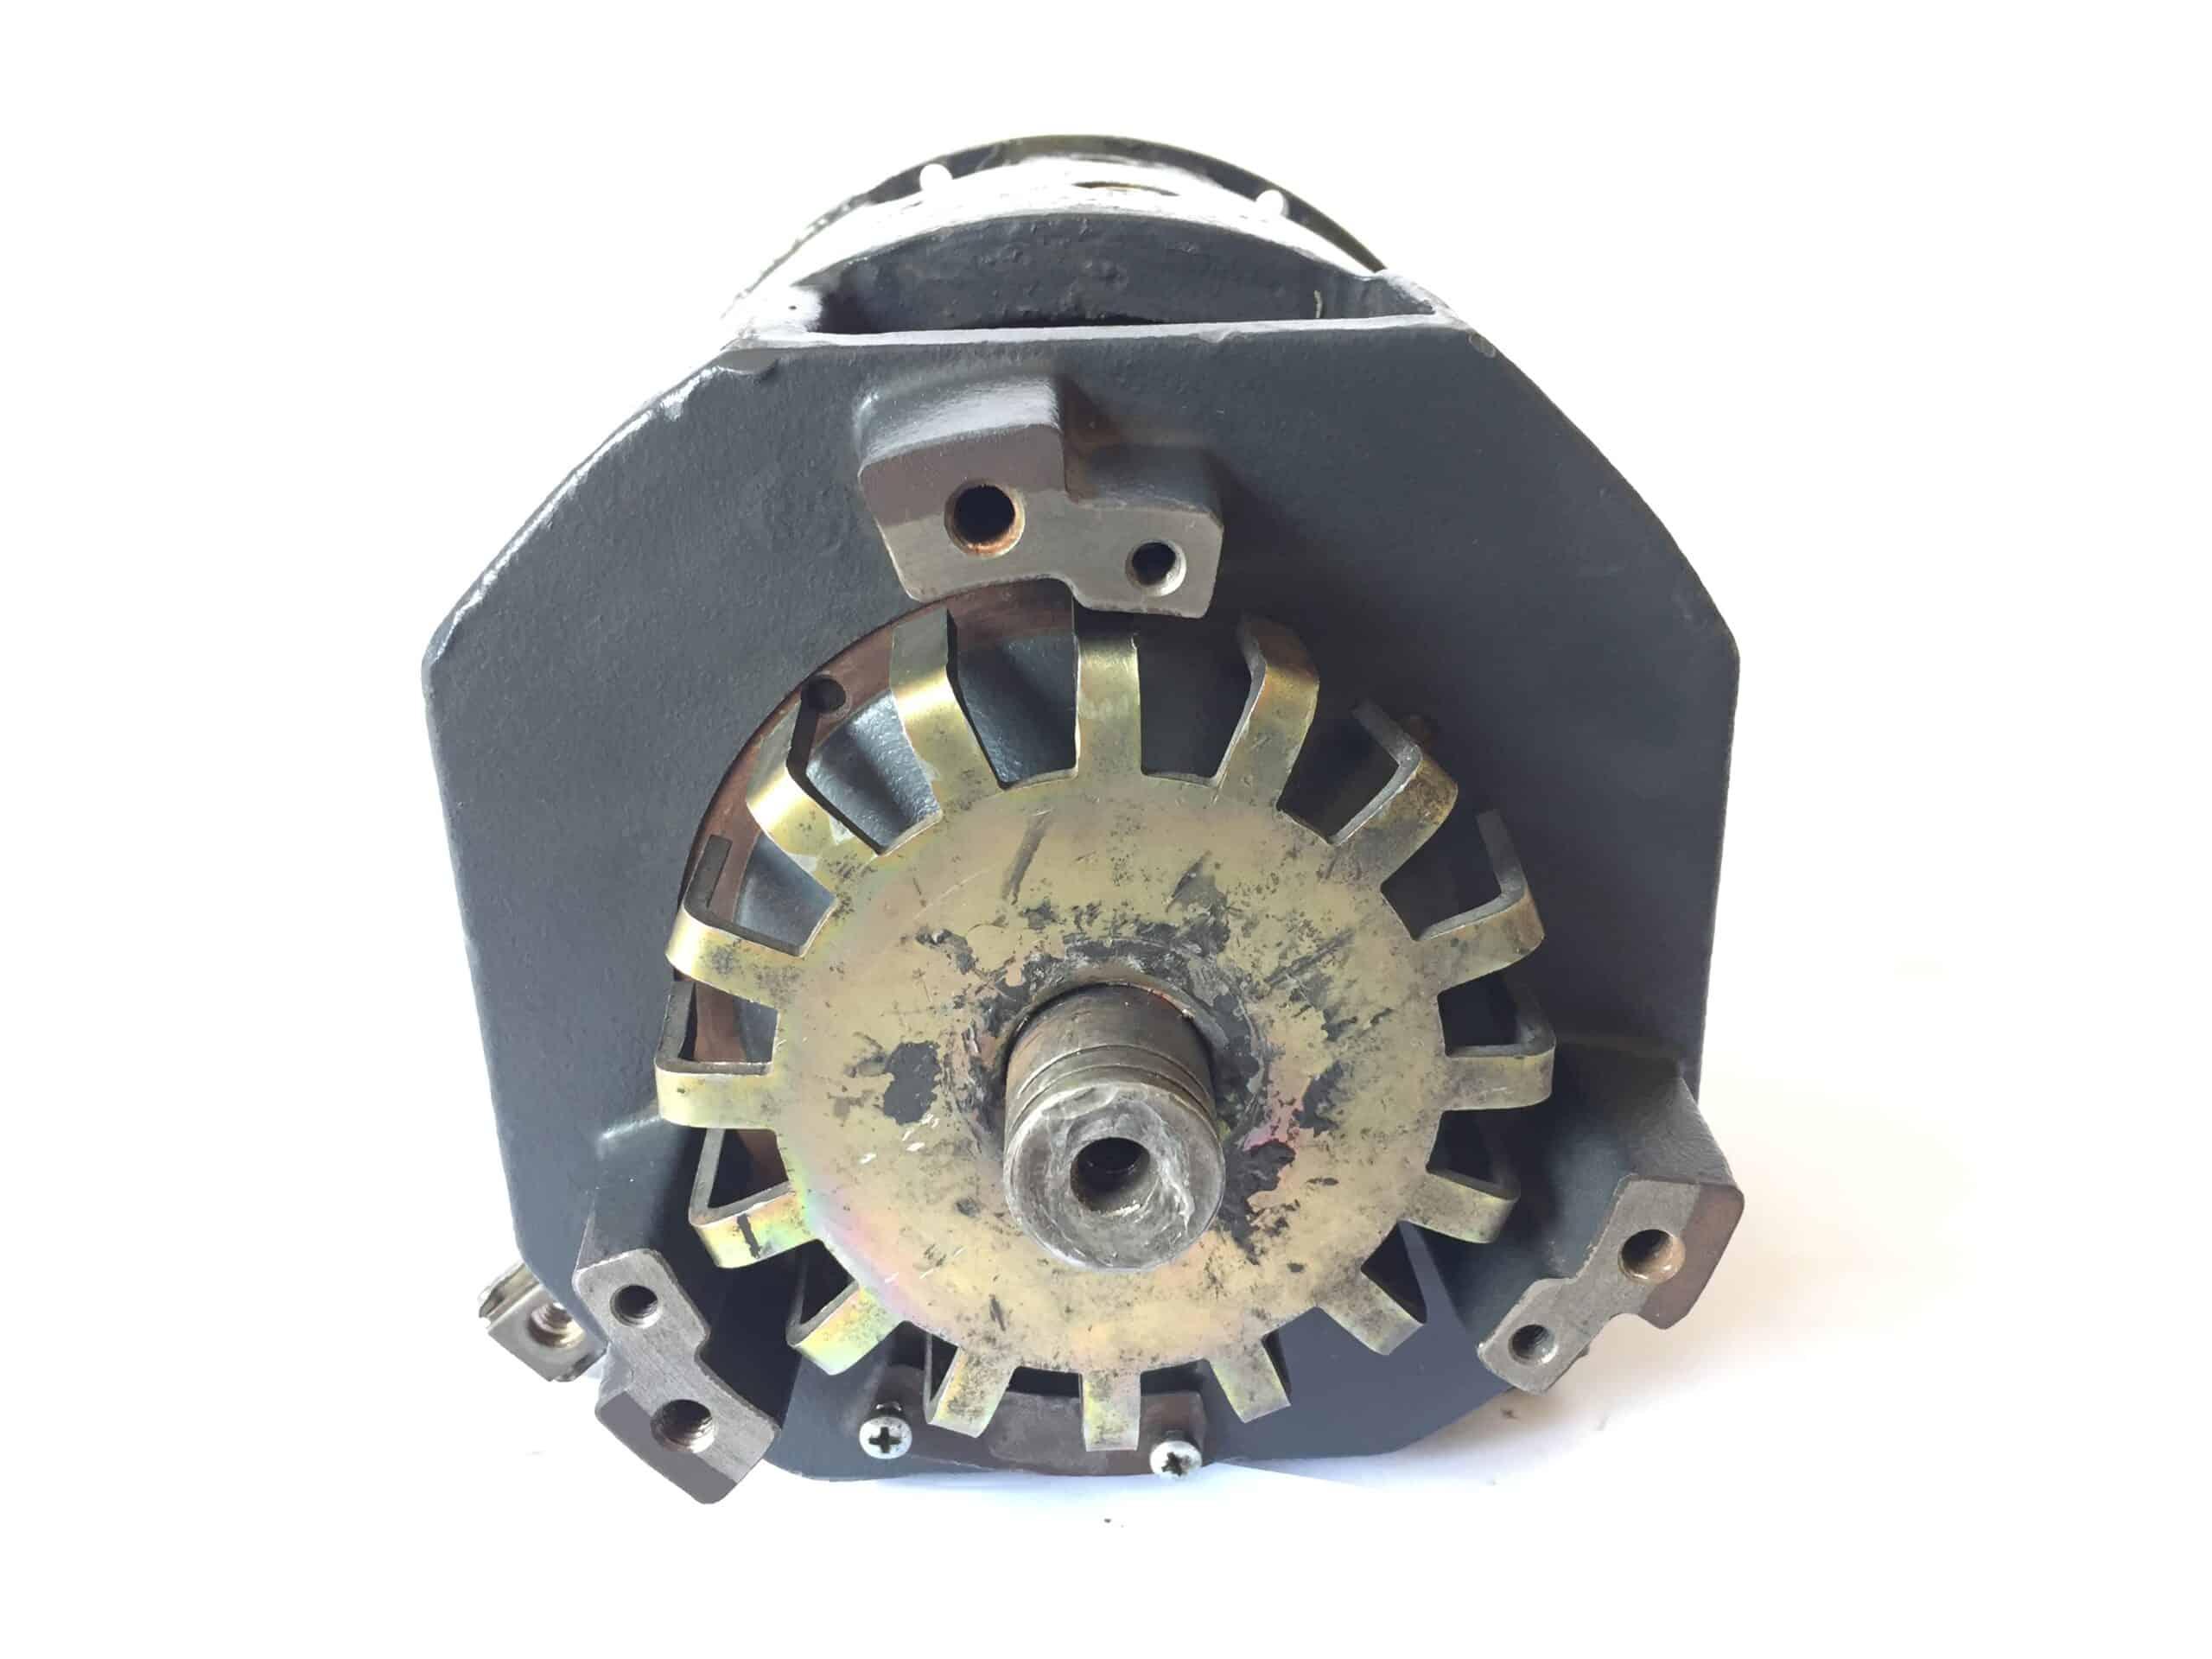   Engine Motor/ Traction   Fazl-e-Rasheed and Company October 2021